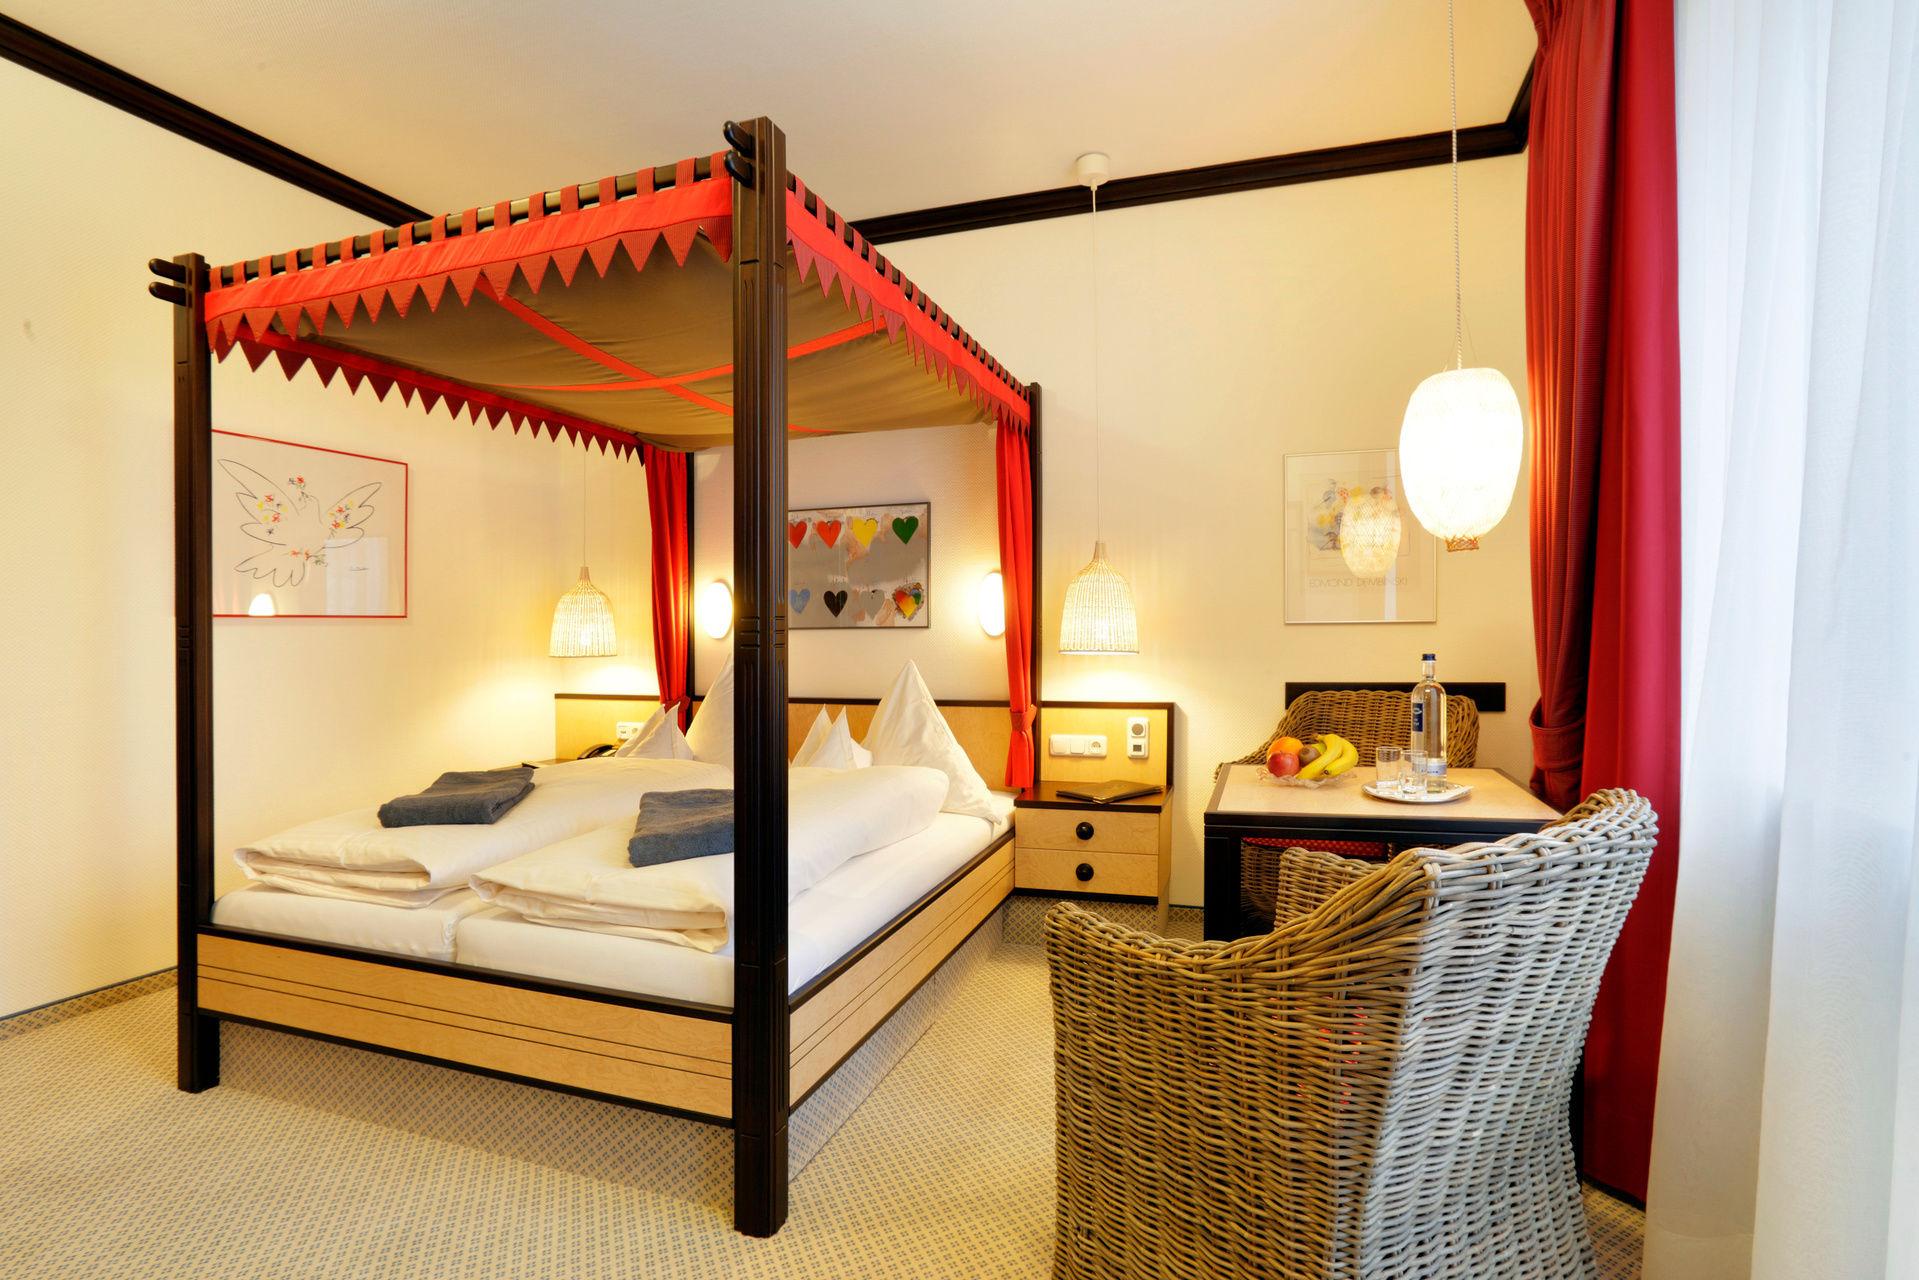 preise zimmer urlaub 4-sterne hotel edelweiss bad wörishofen allgäu, Badezimmer ideen